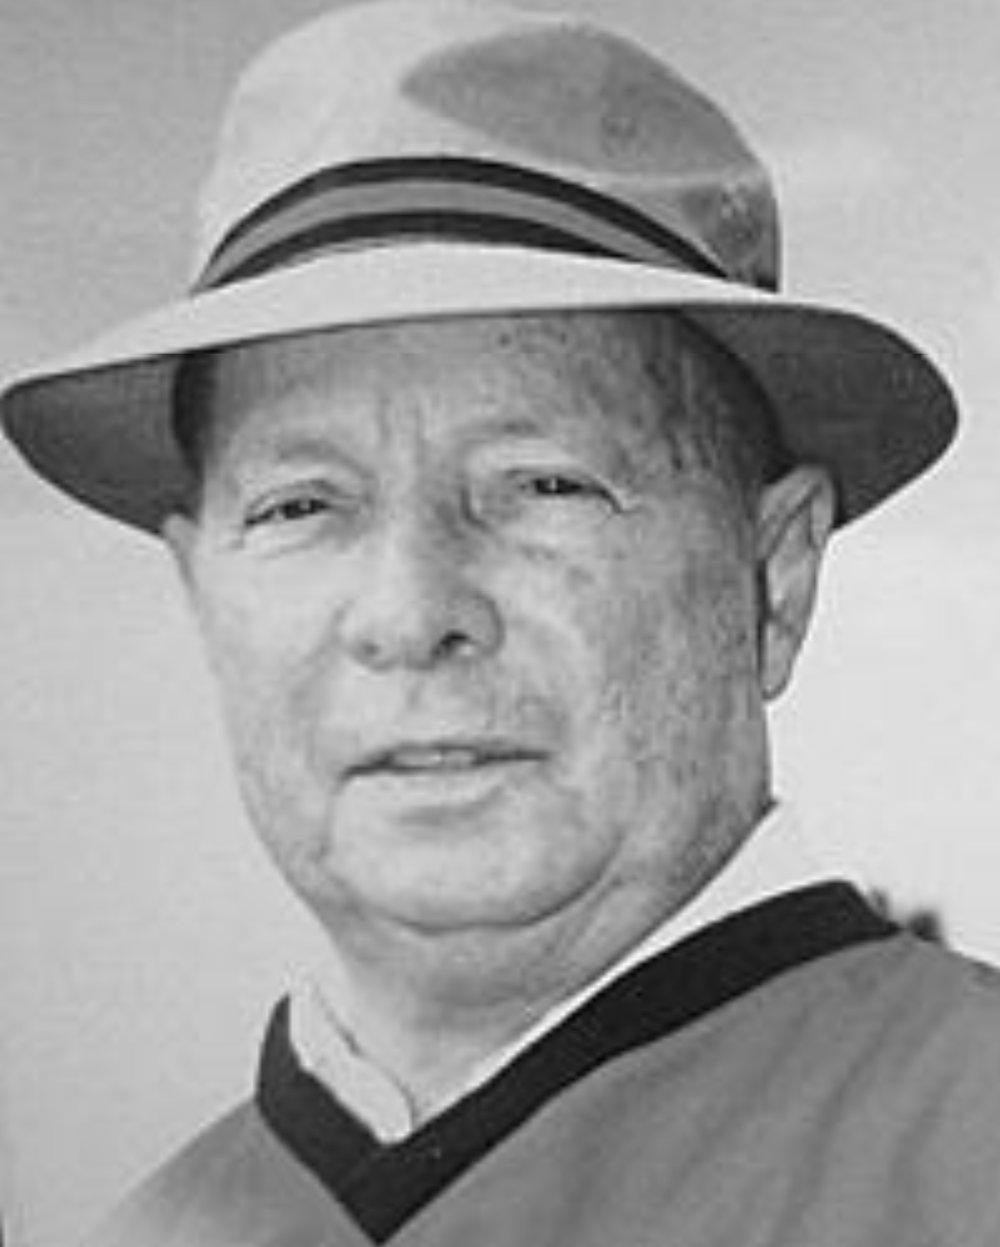 JOHN C. GRAVES